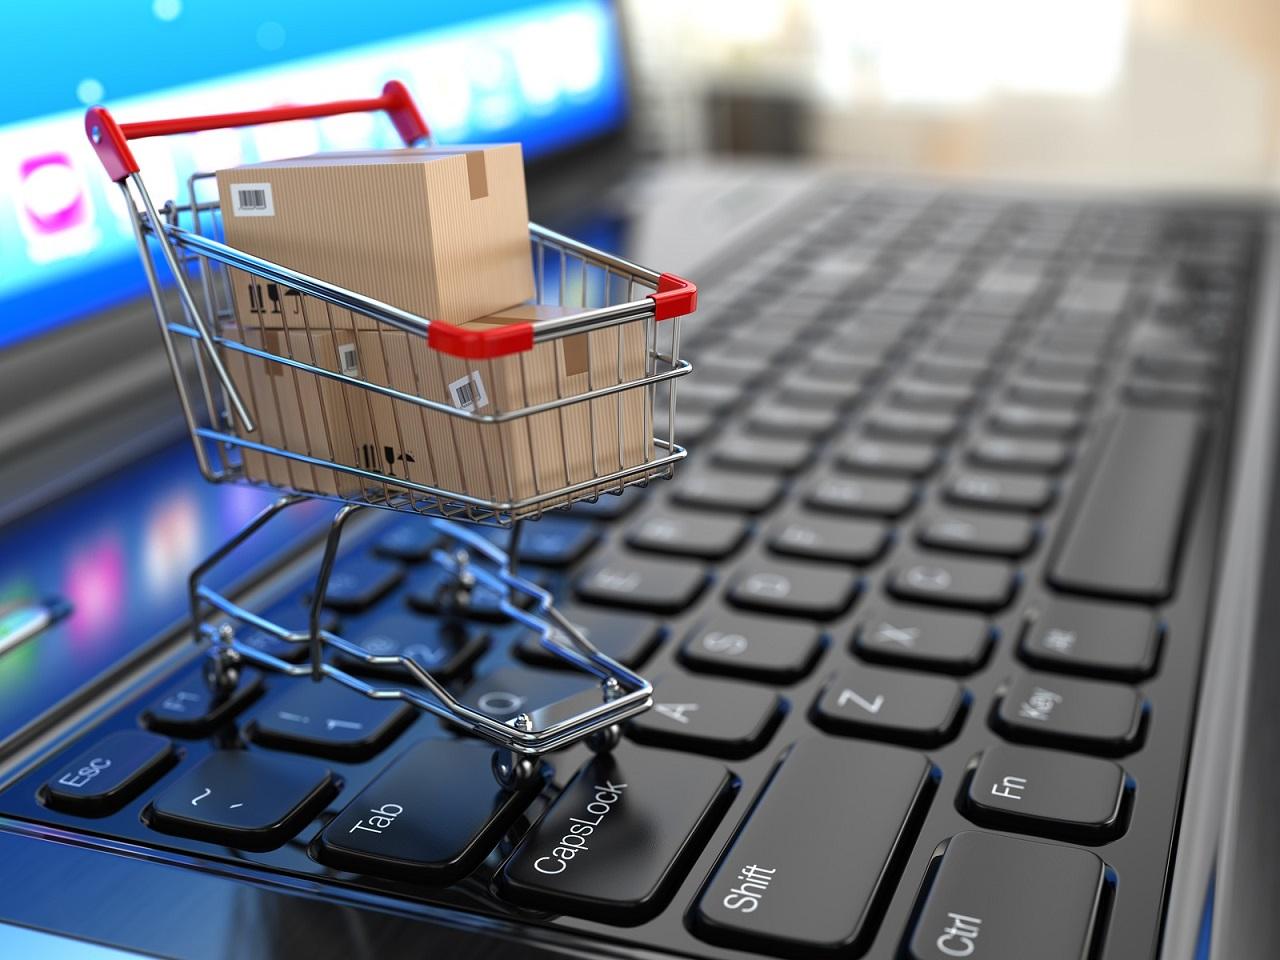 Экспресс-доставка в Беларуси – бизнес низкомаржинальный, конкуренция высокая. Исследование LOGCONSULT 3